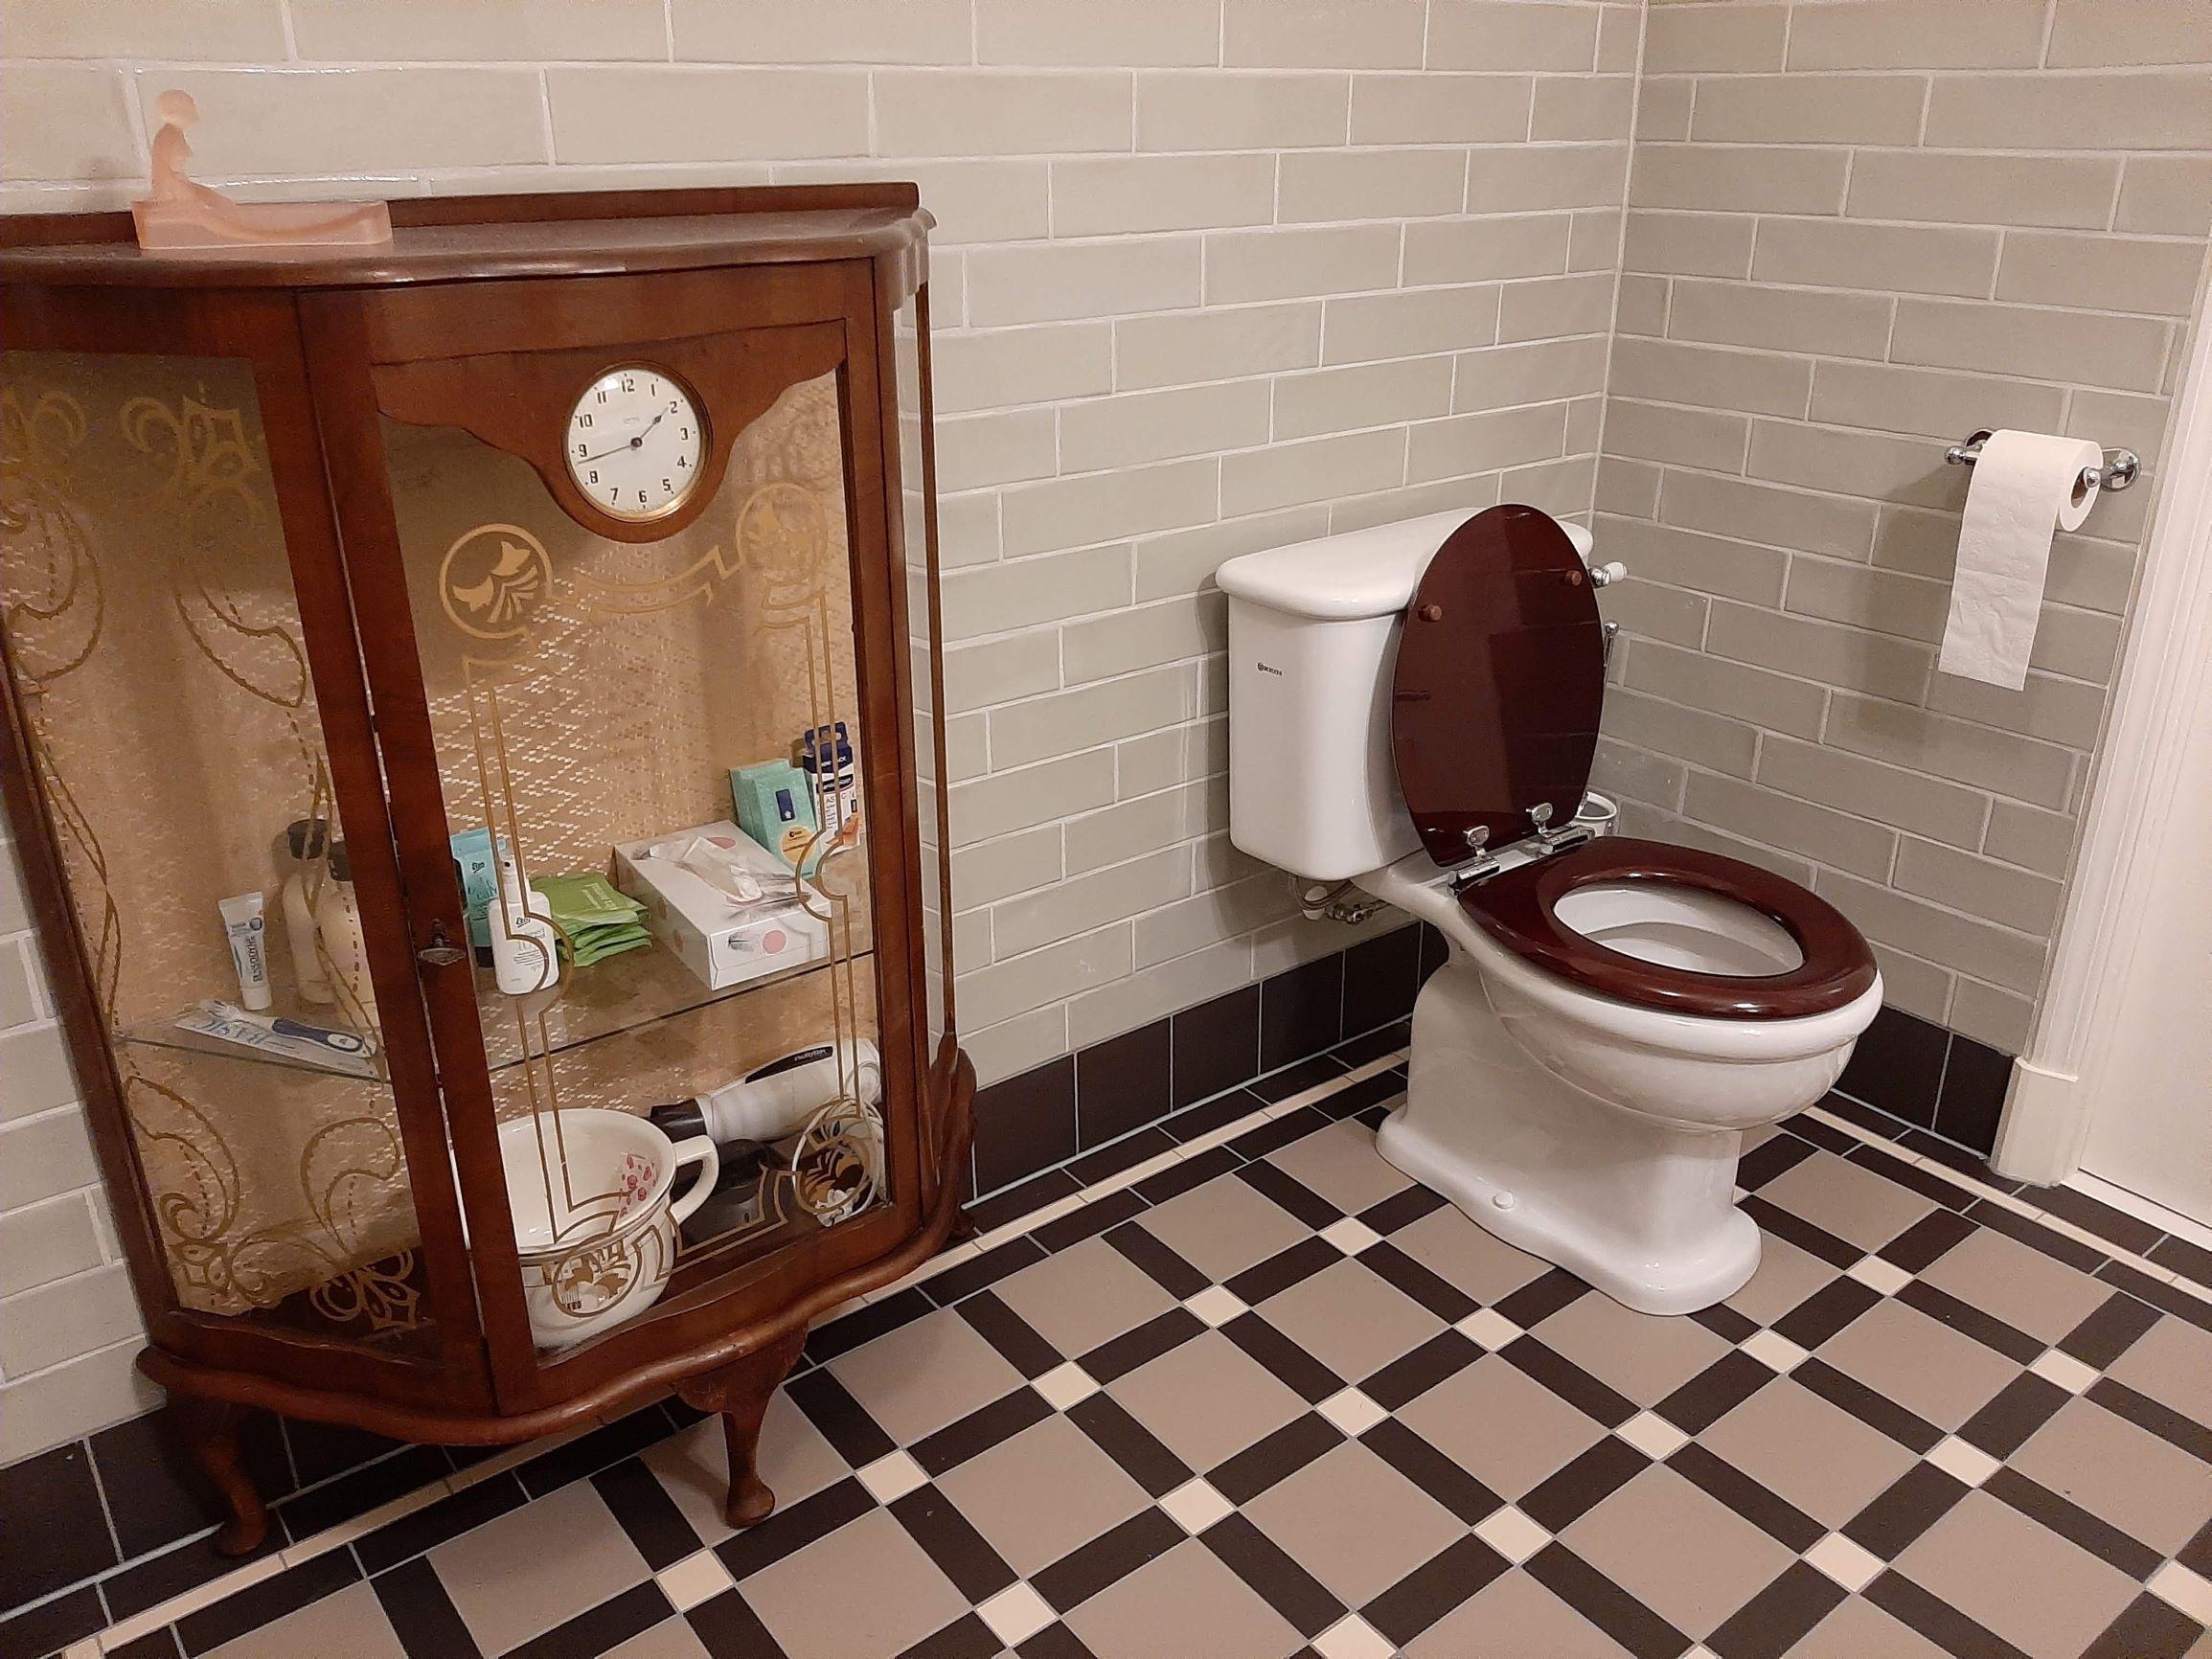 Toilet B&B De Oude Dame